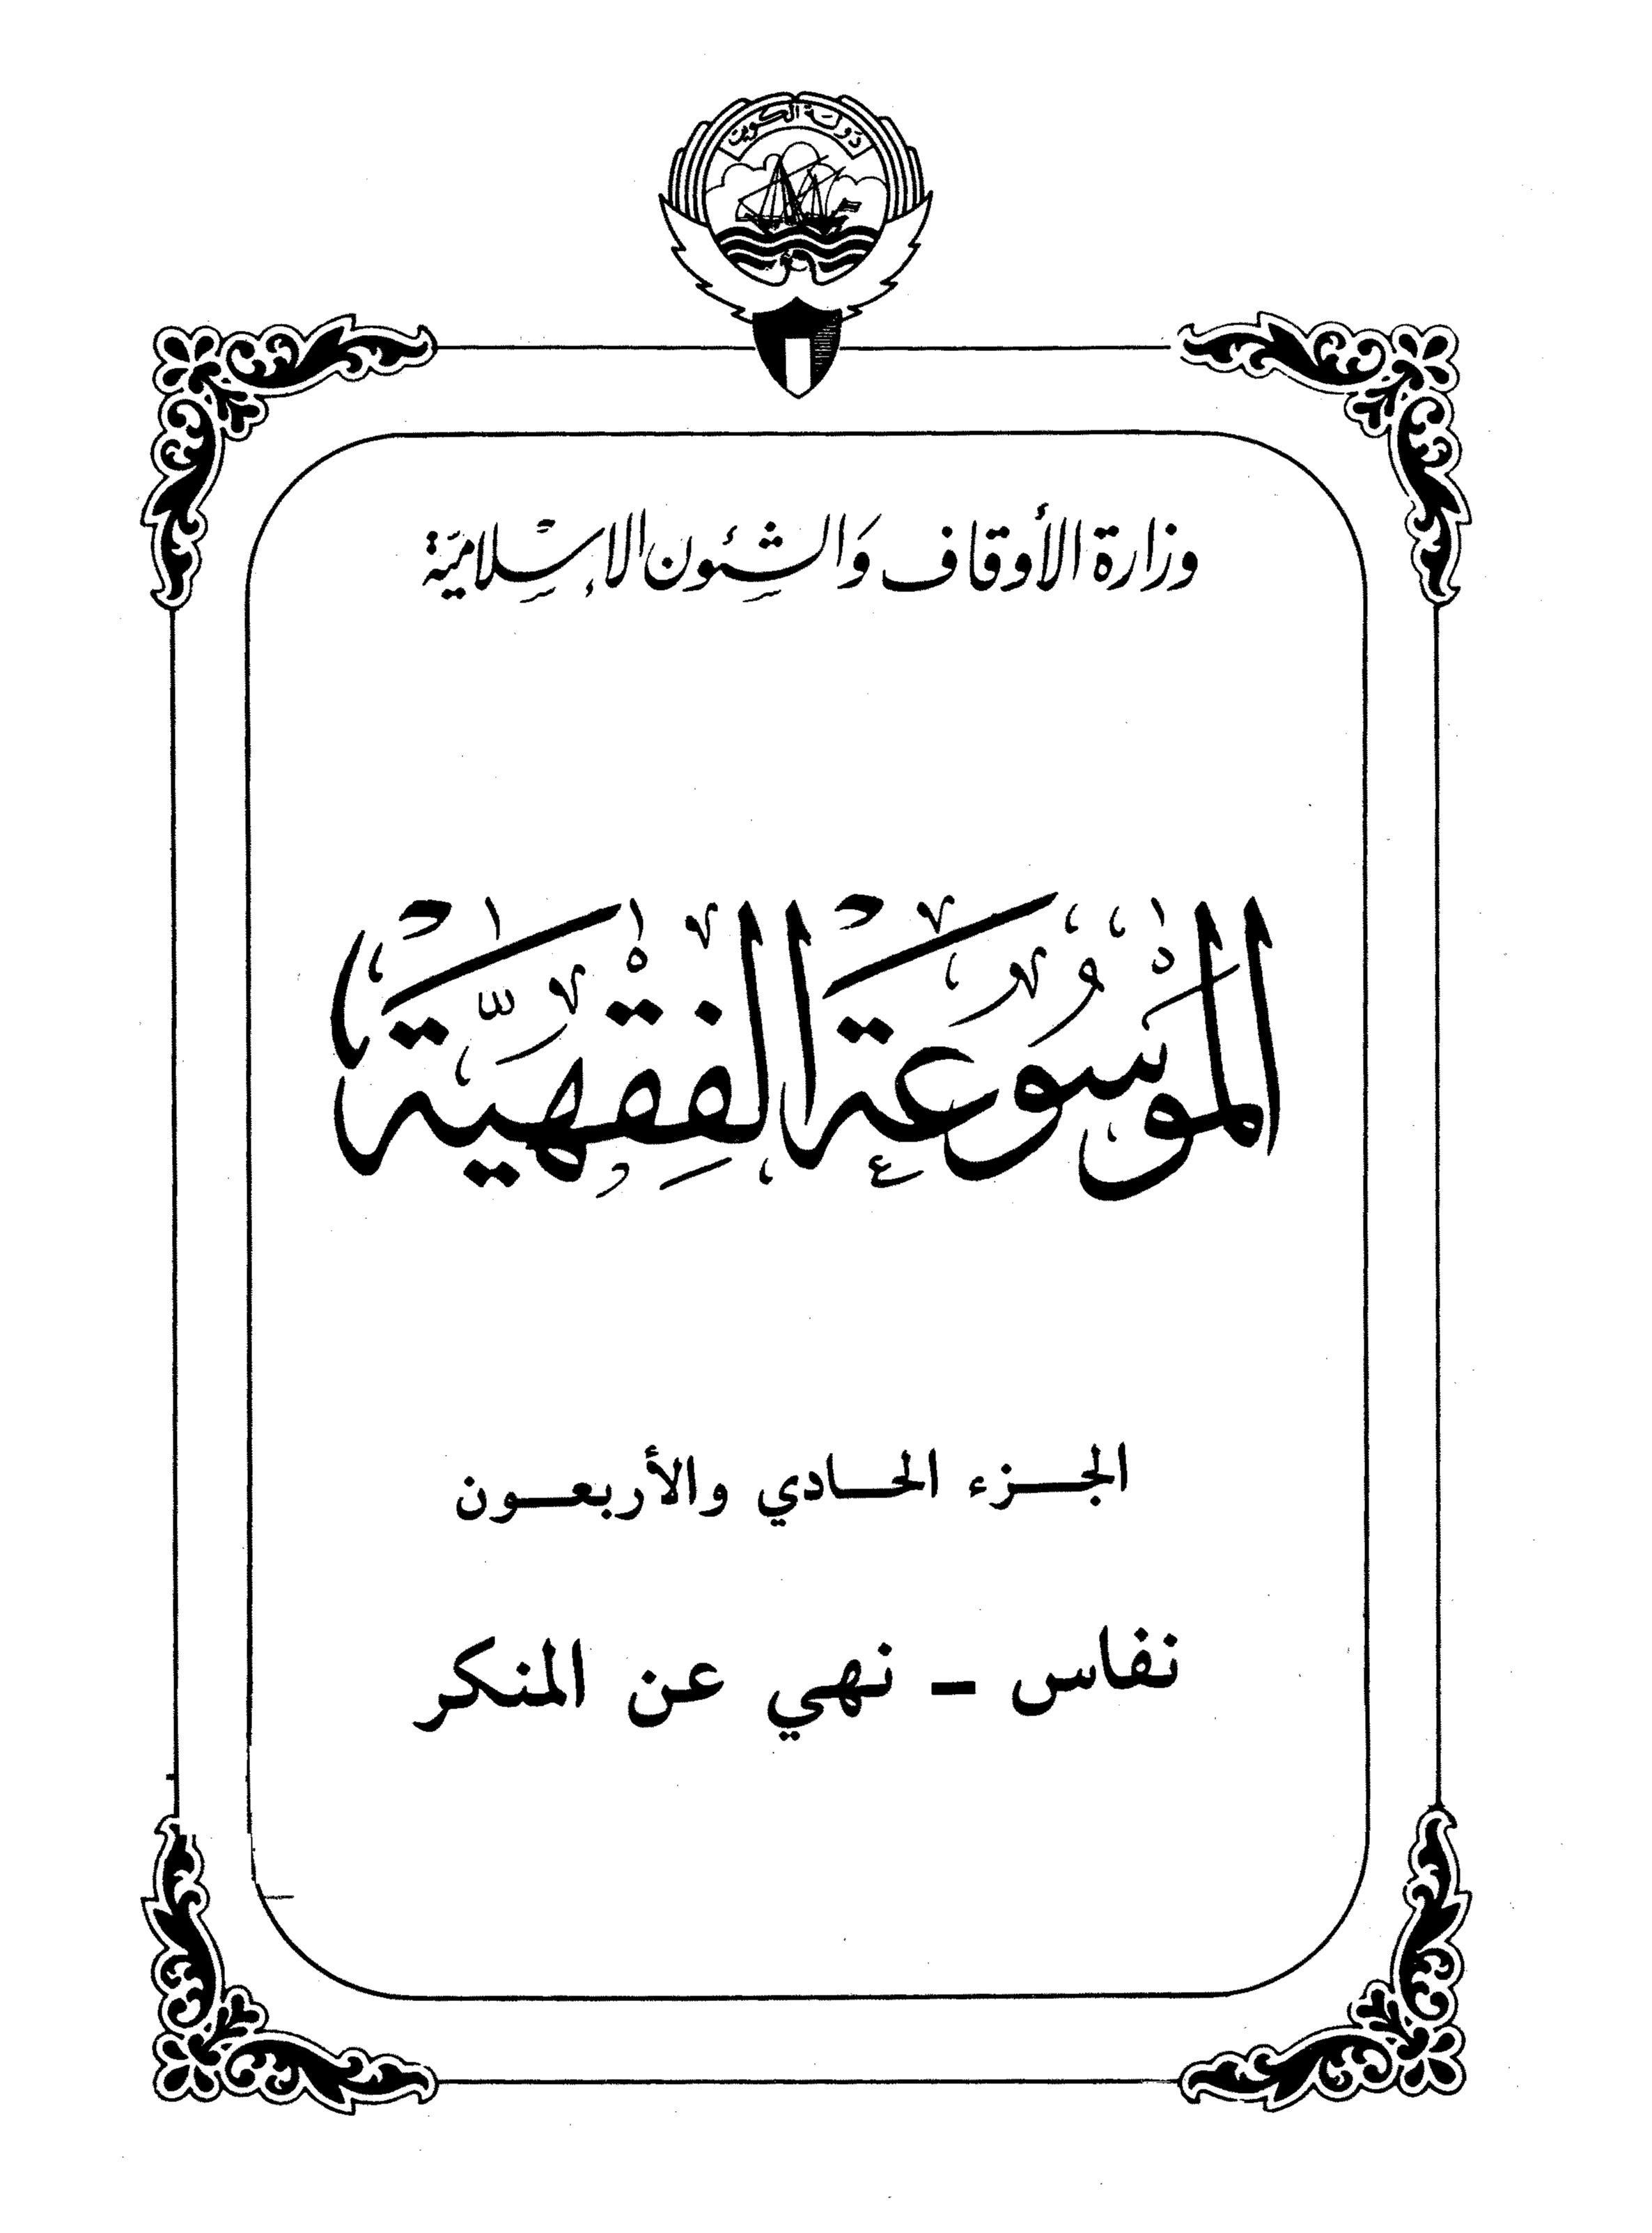 الموسوعة الفقهية الكويتية- الجزء الحادي والأربعون (نفاس - نهي عن المنكر)